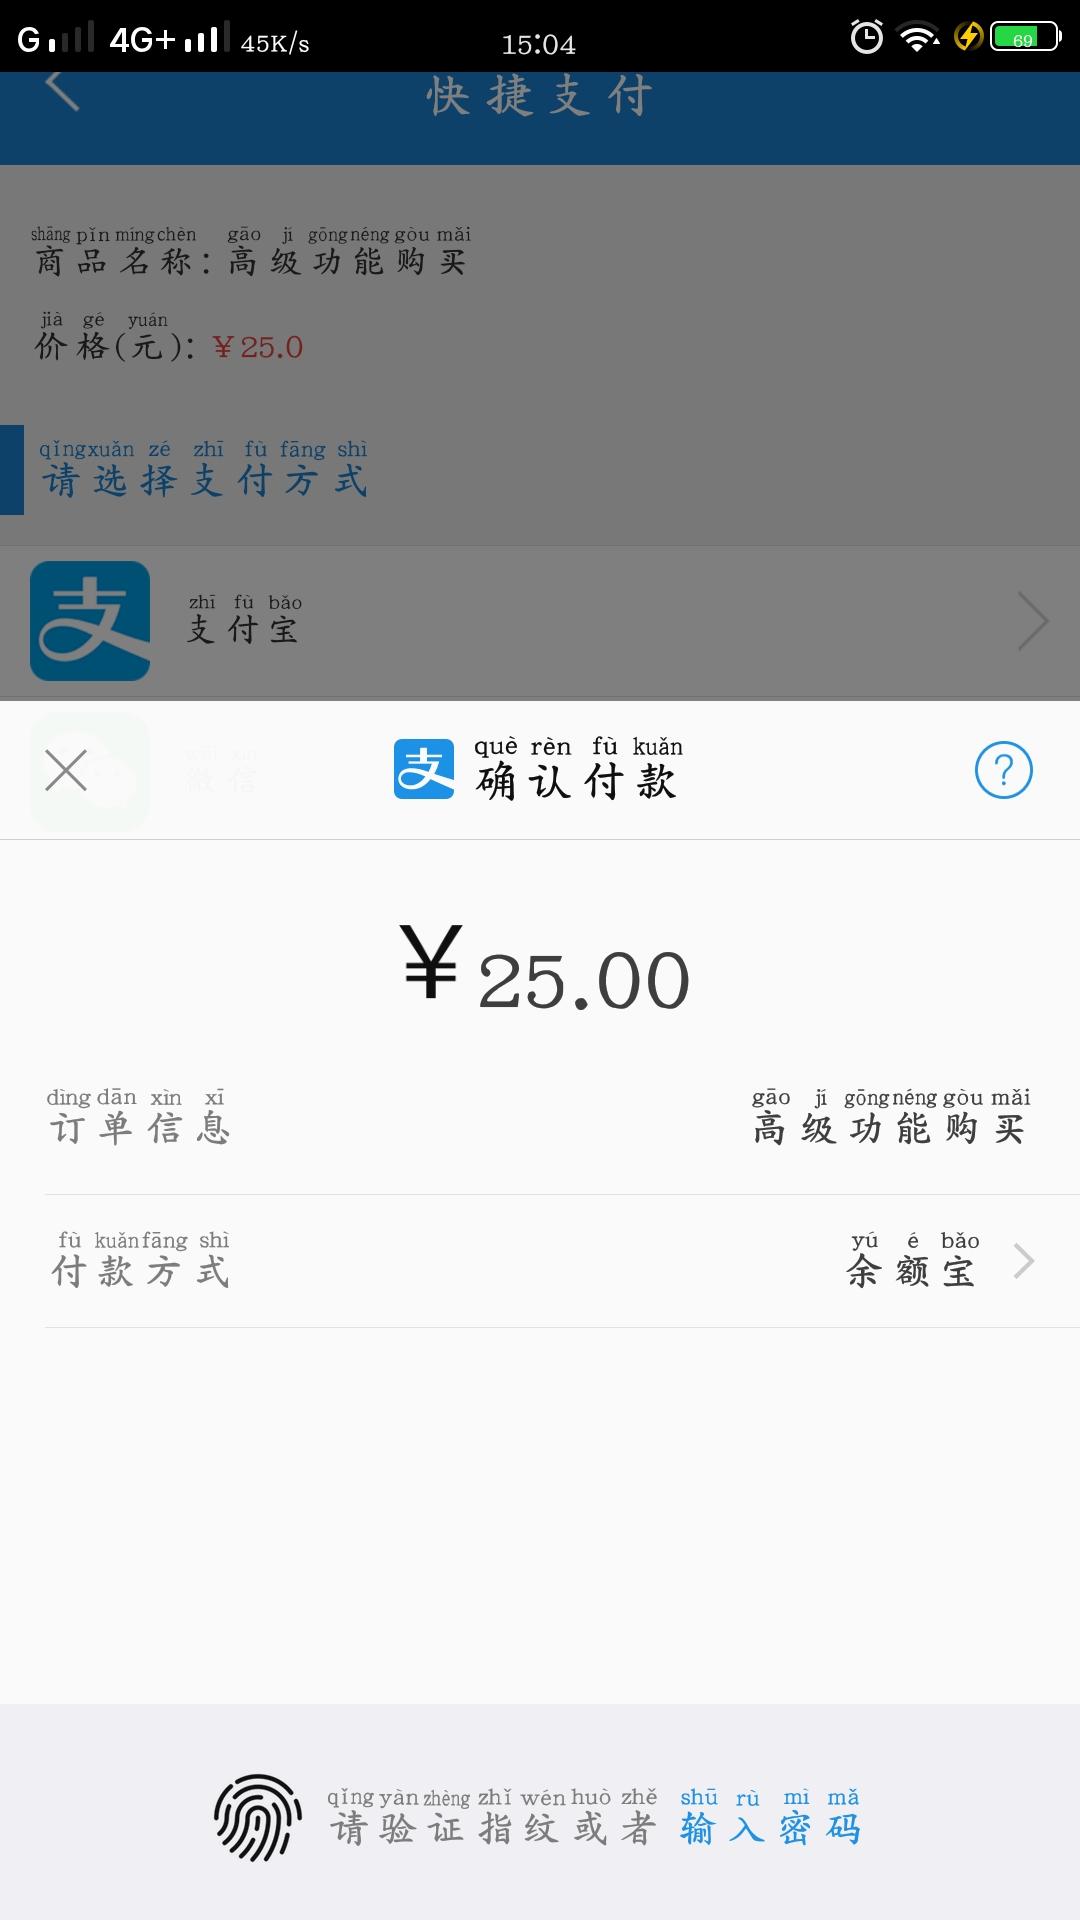 Screenshot_20180810_150422.jpg